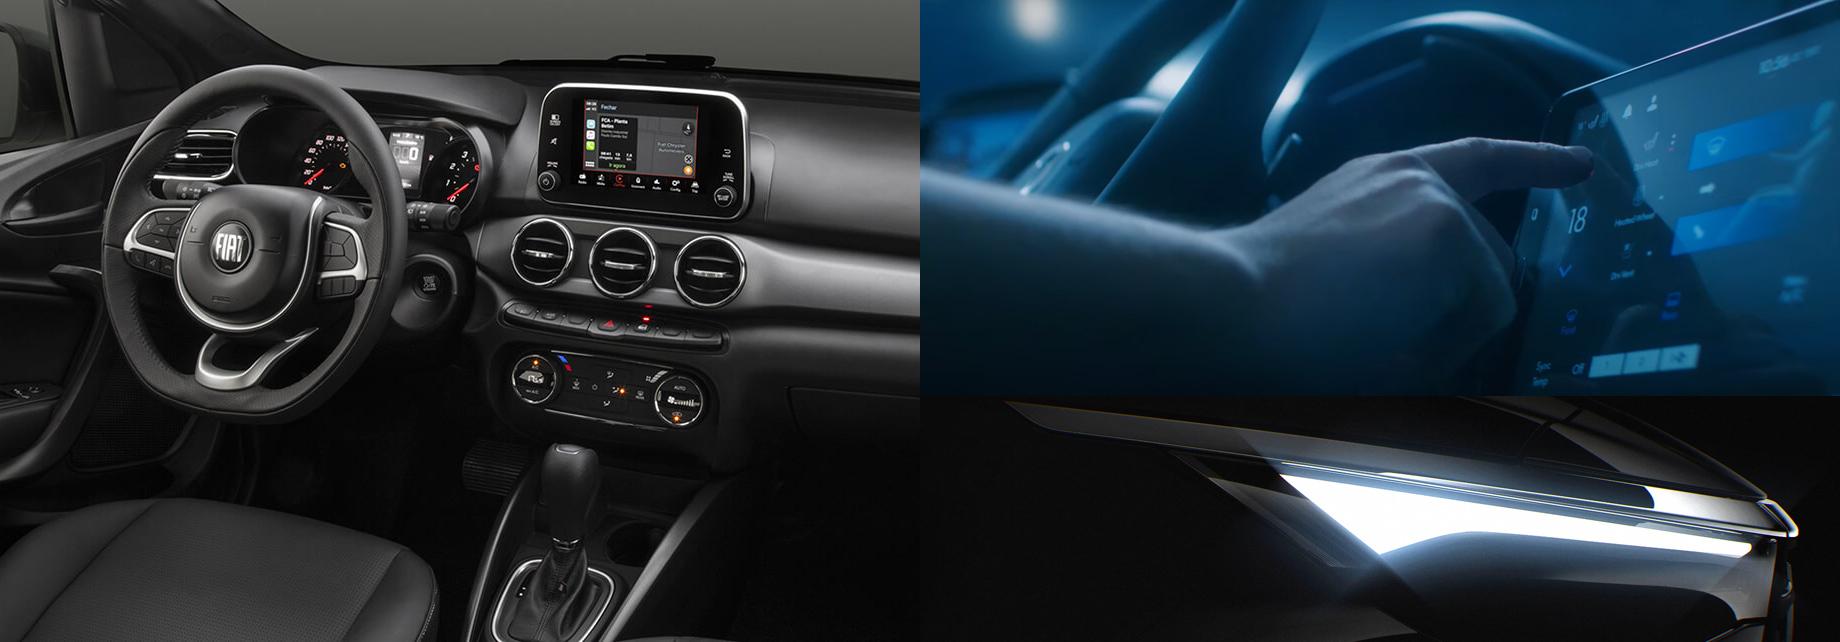 Паркетник Fiat 363 представит новые платформу и турботройку